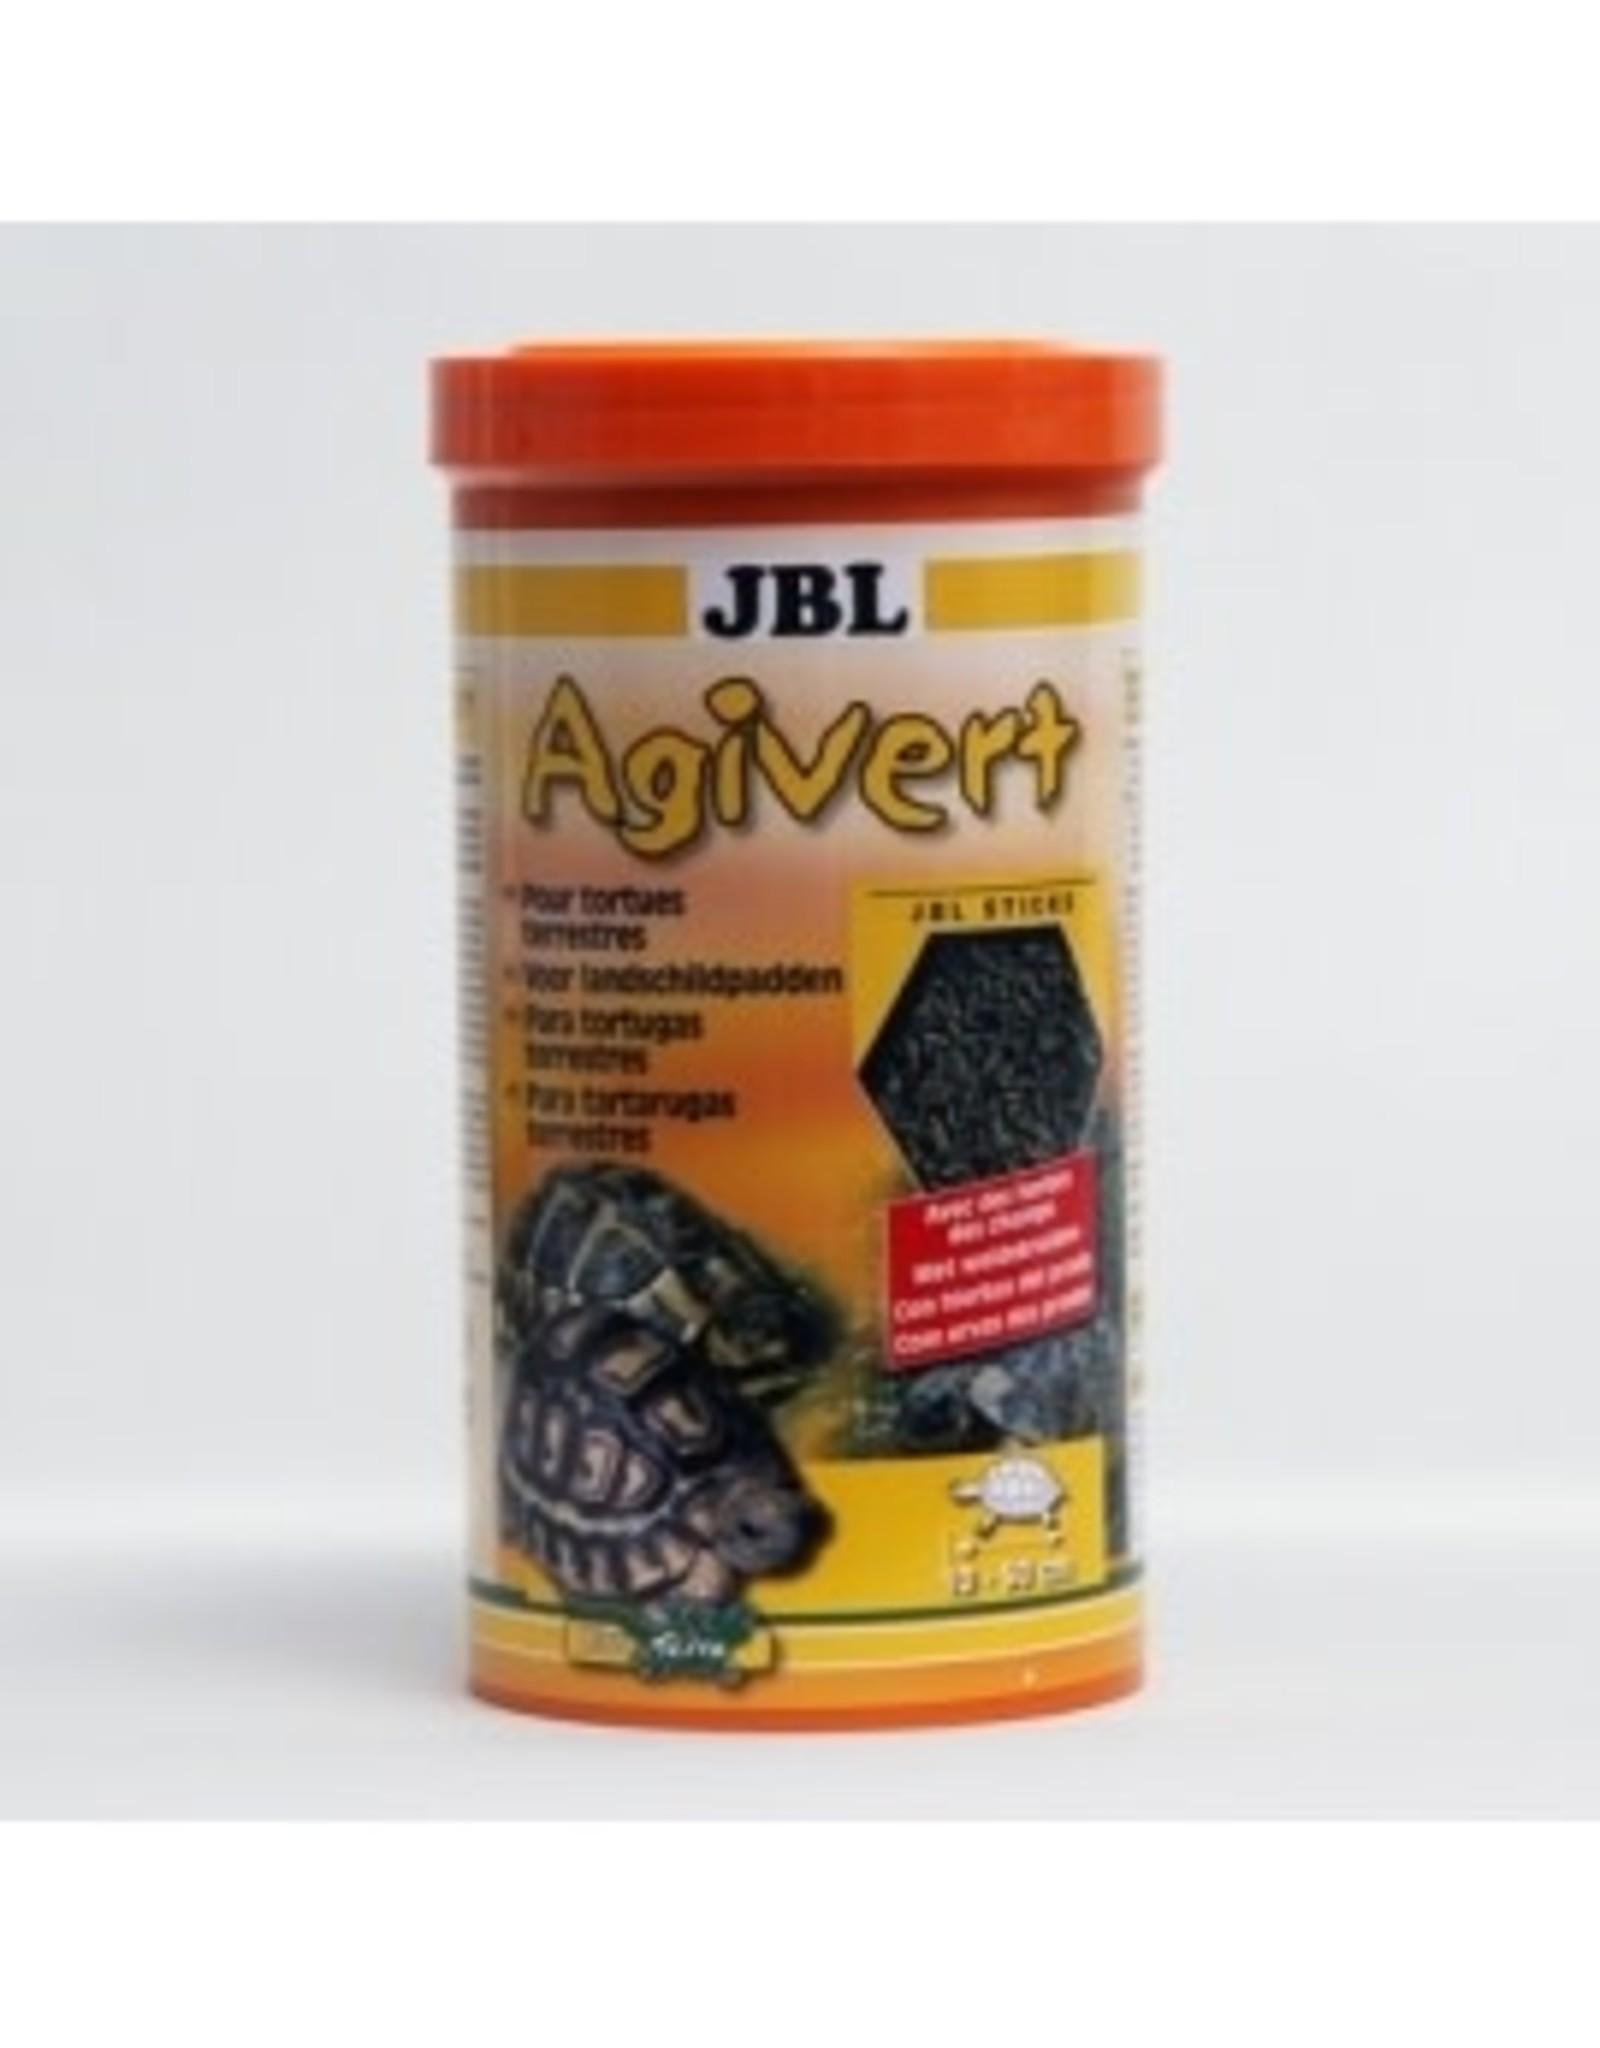 JBL AGIVERT JBL pr tortue